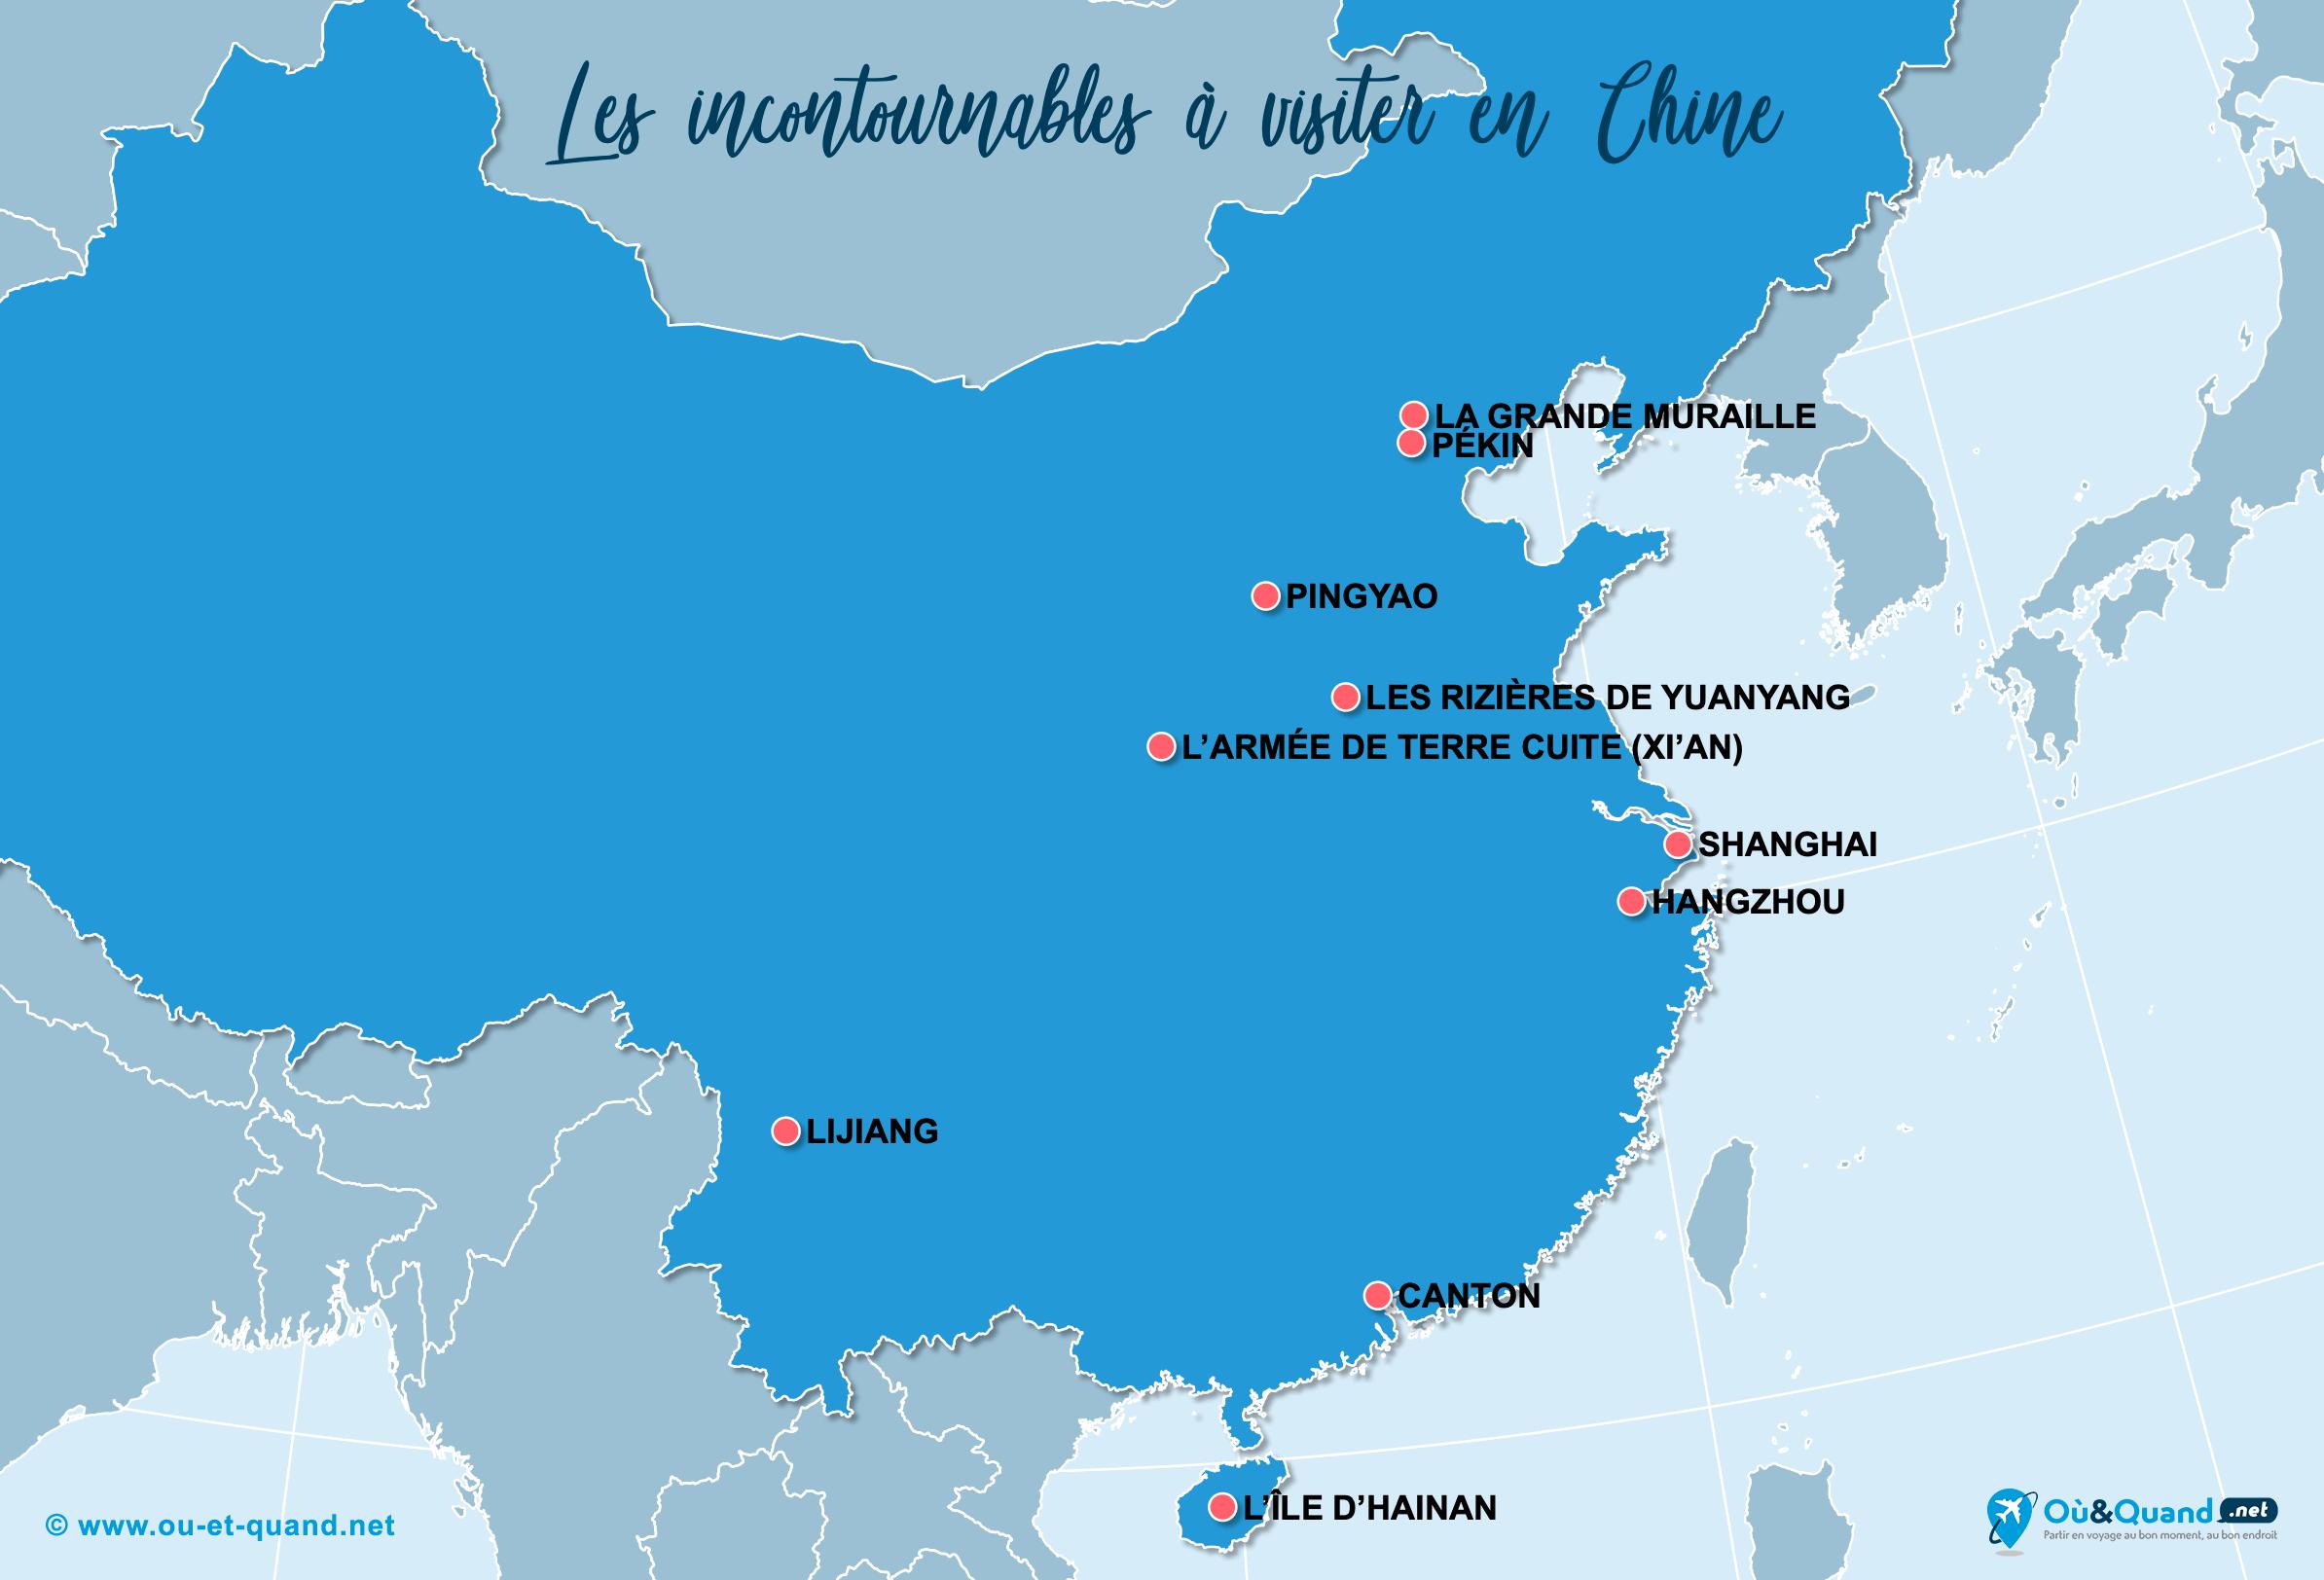 Carte Incontournables Chine